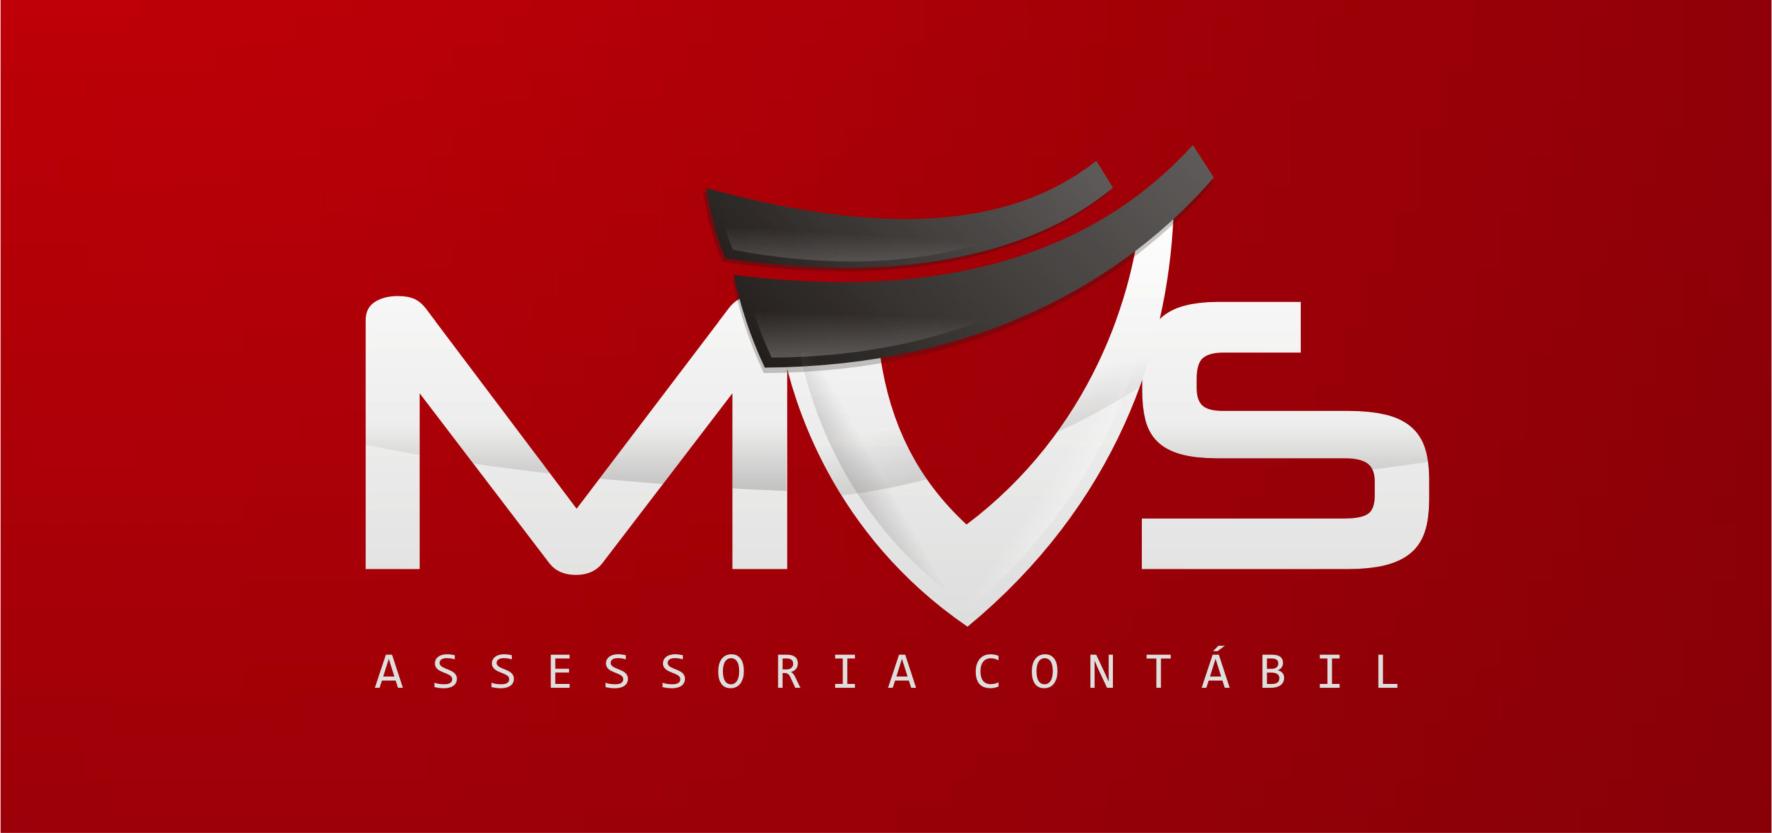 MVS Assessoria Contábil - Contabilidade em Navegantes/SC